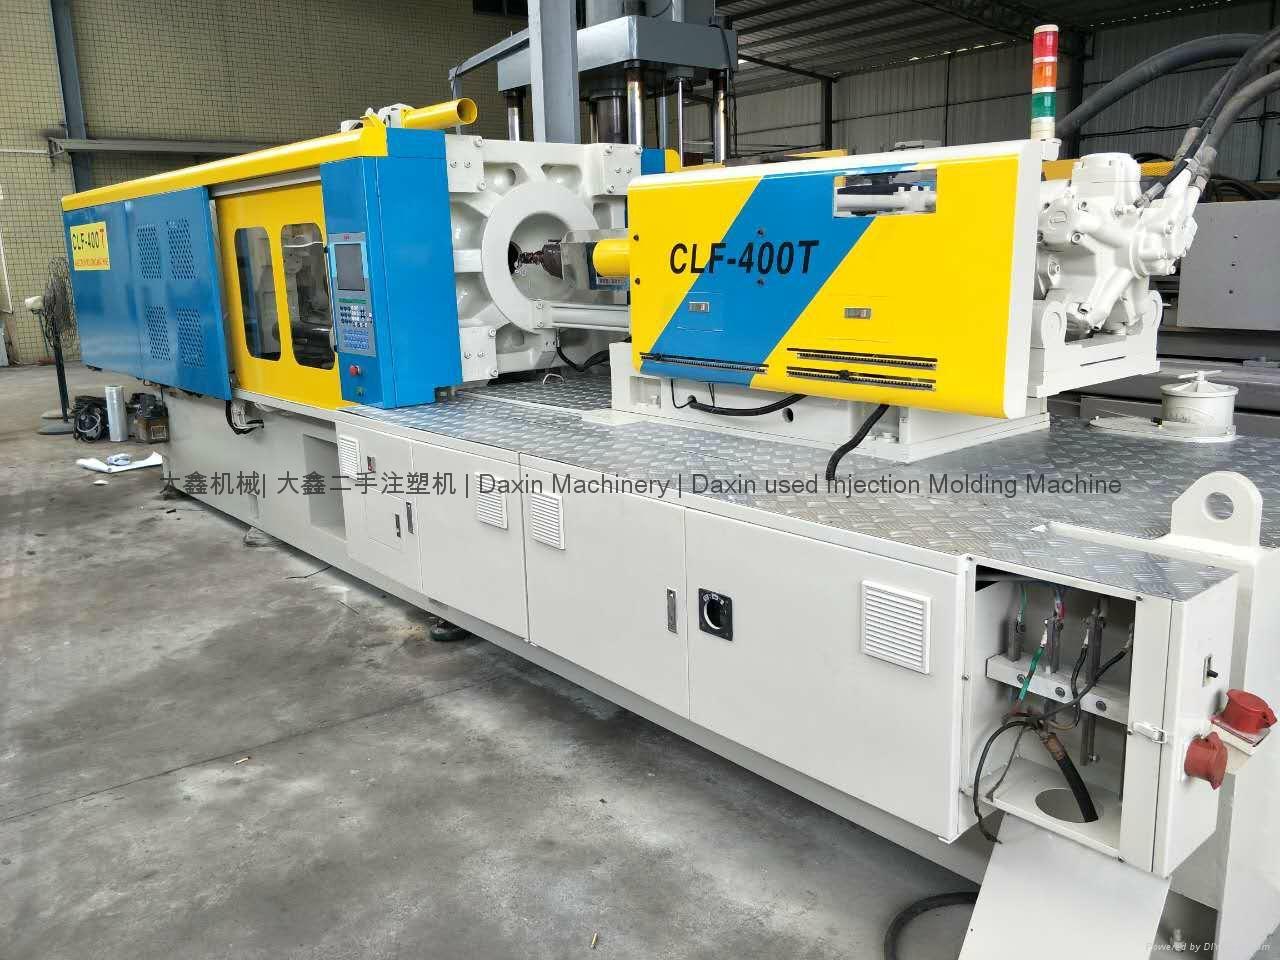 <b>CLF-400T全立发二手注塑机</b>